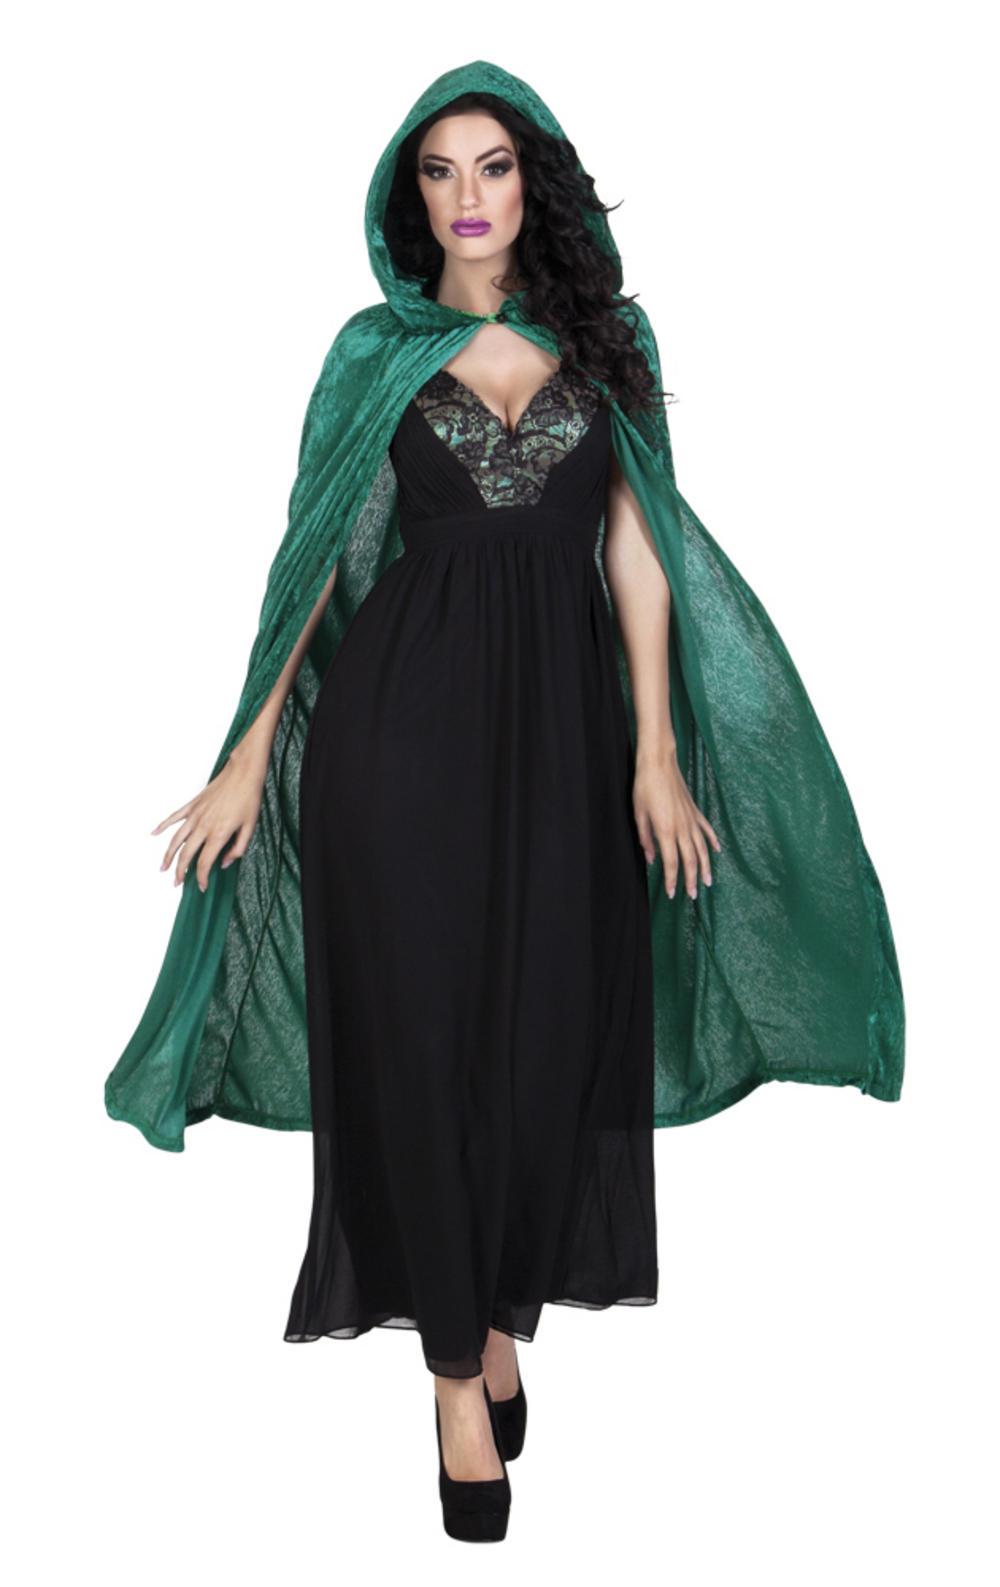 Dawn Green Cape Costume Accessory